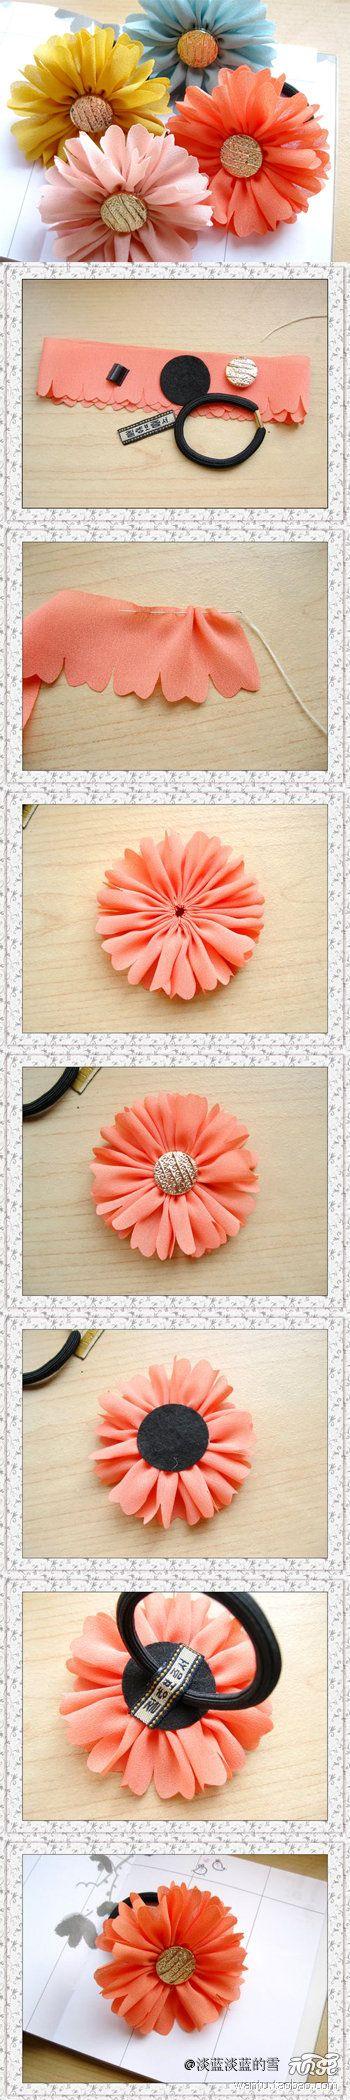 Flower hair elastic s    材料:雪纺花边约70cm长,扣子,不织布,发圈,发圈扣,织唛------------------做法,先用线把雪纺布条沿边缝一周,抽紧,系好,做成个花盘-------------------------背面粘上不织布圆片--------------反回来,粘上扣子------------装上发圈就做好